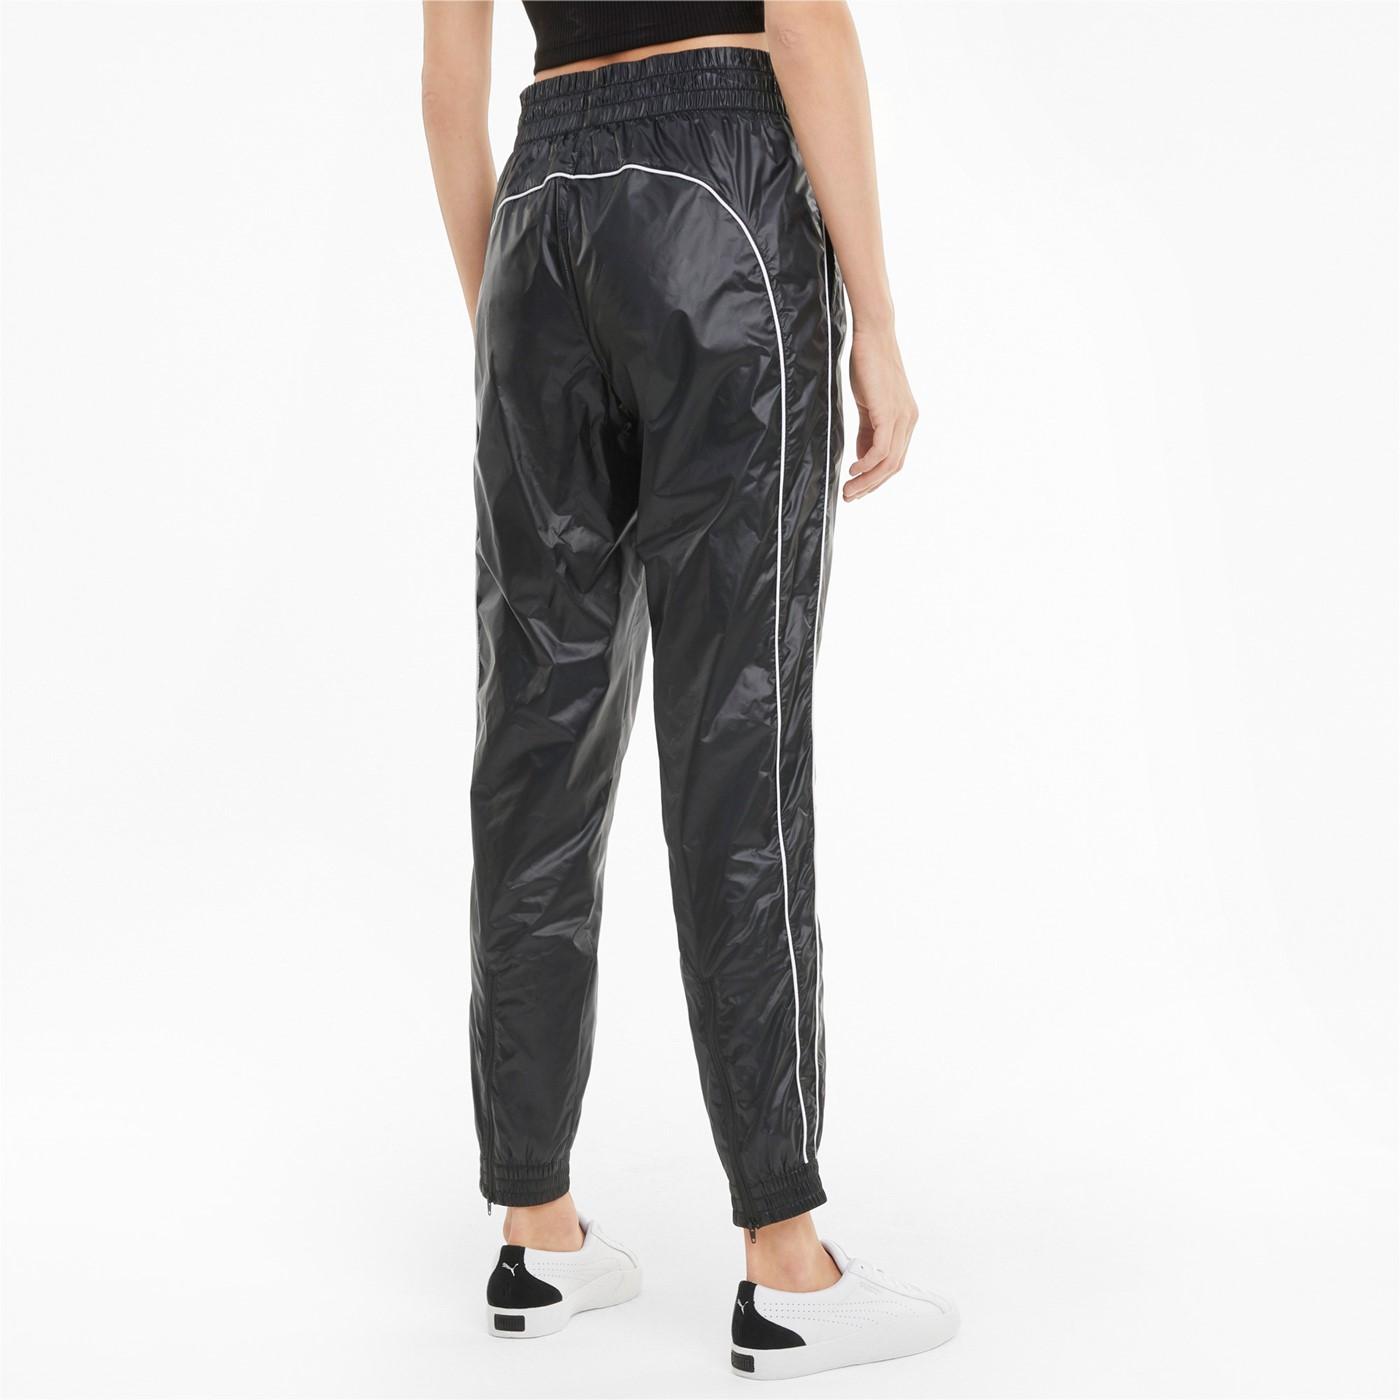 Pantaloni da donna Puma Iconic T7 Woven PUMA   115   530240001